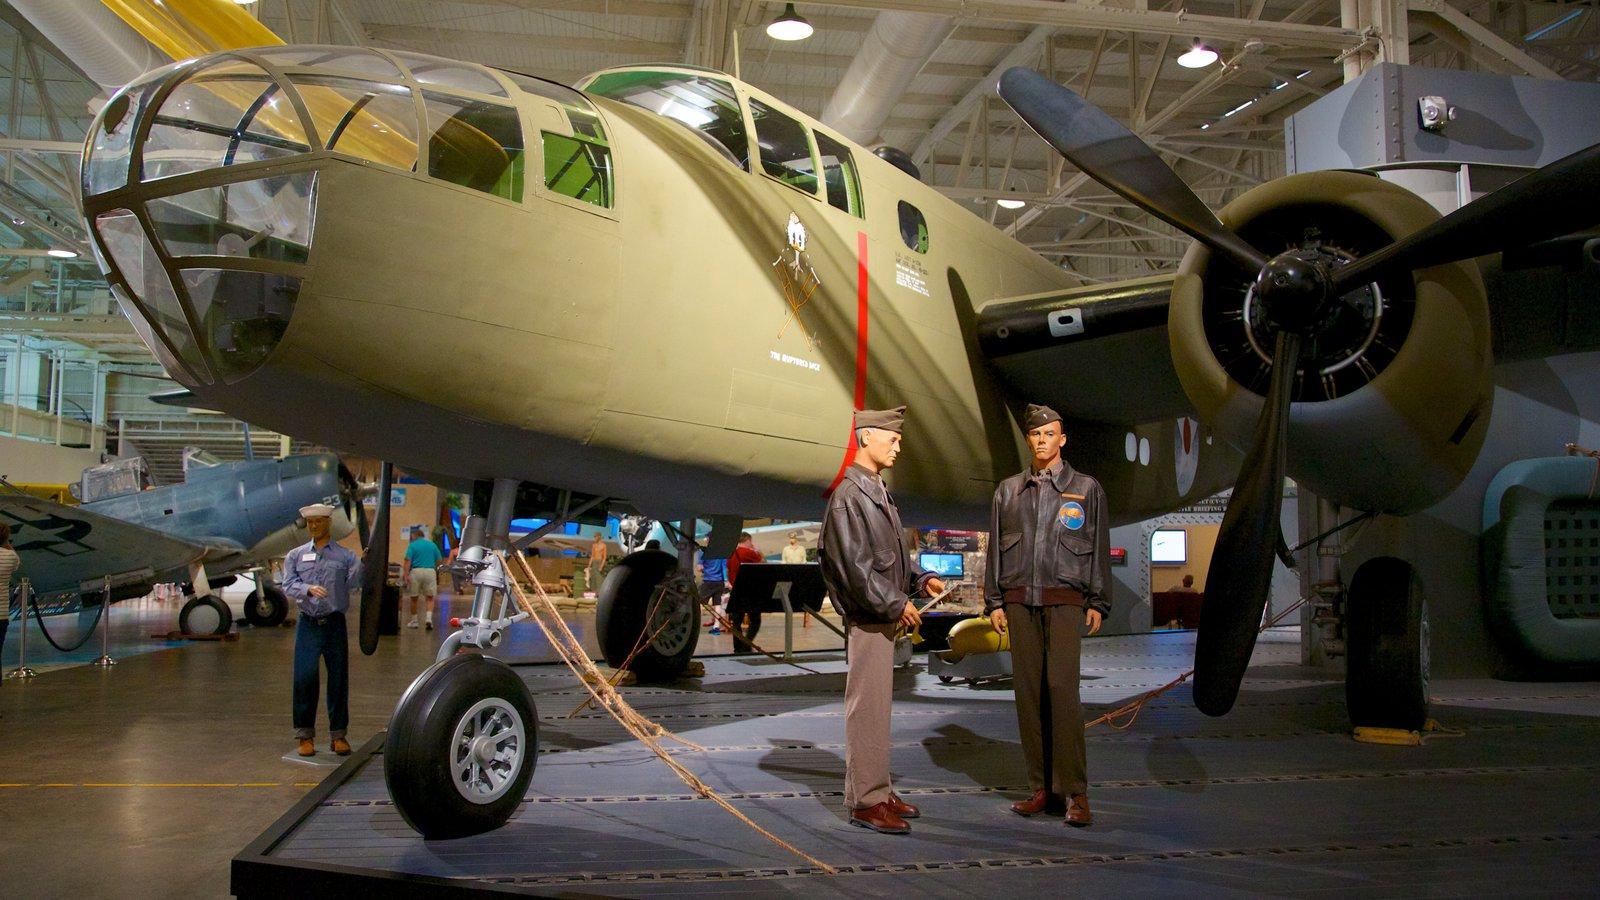 Pearl Harbor caracterizando vistas internas e aeronave